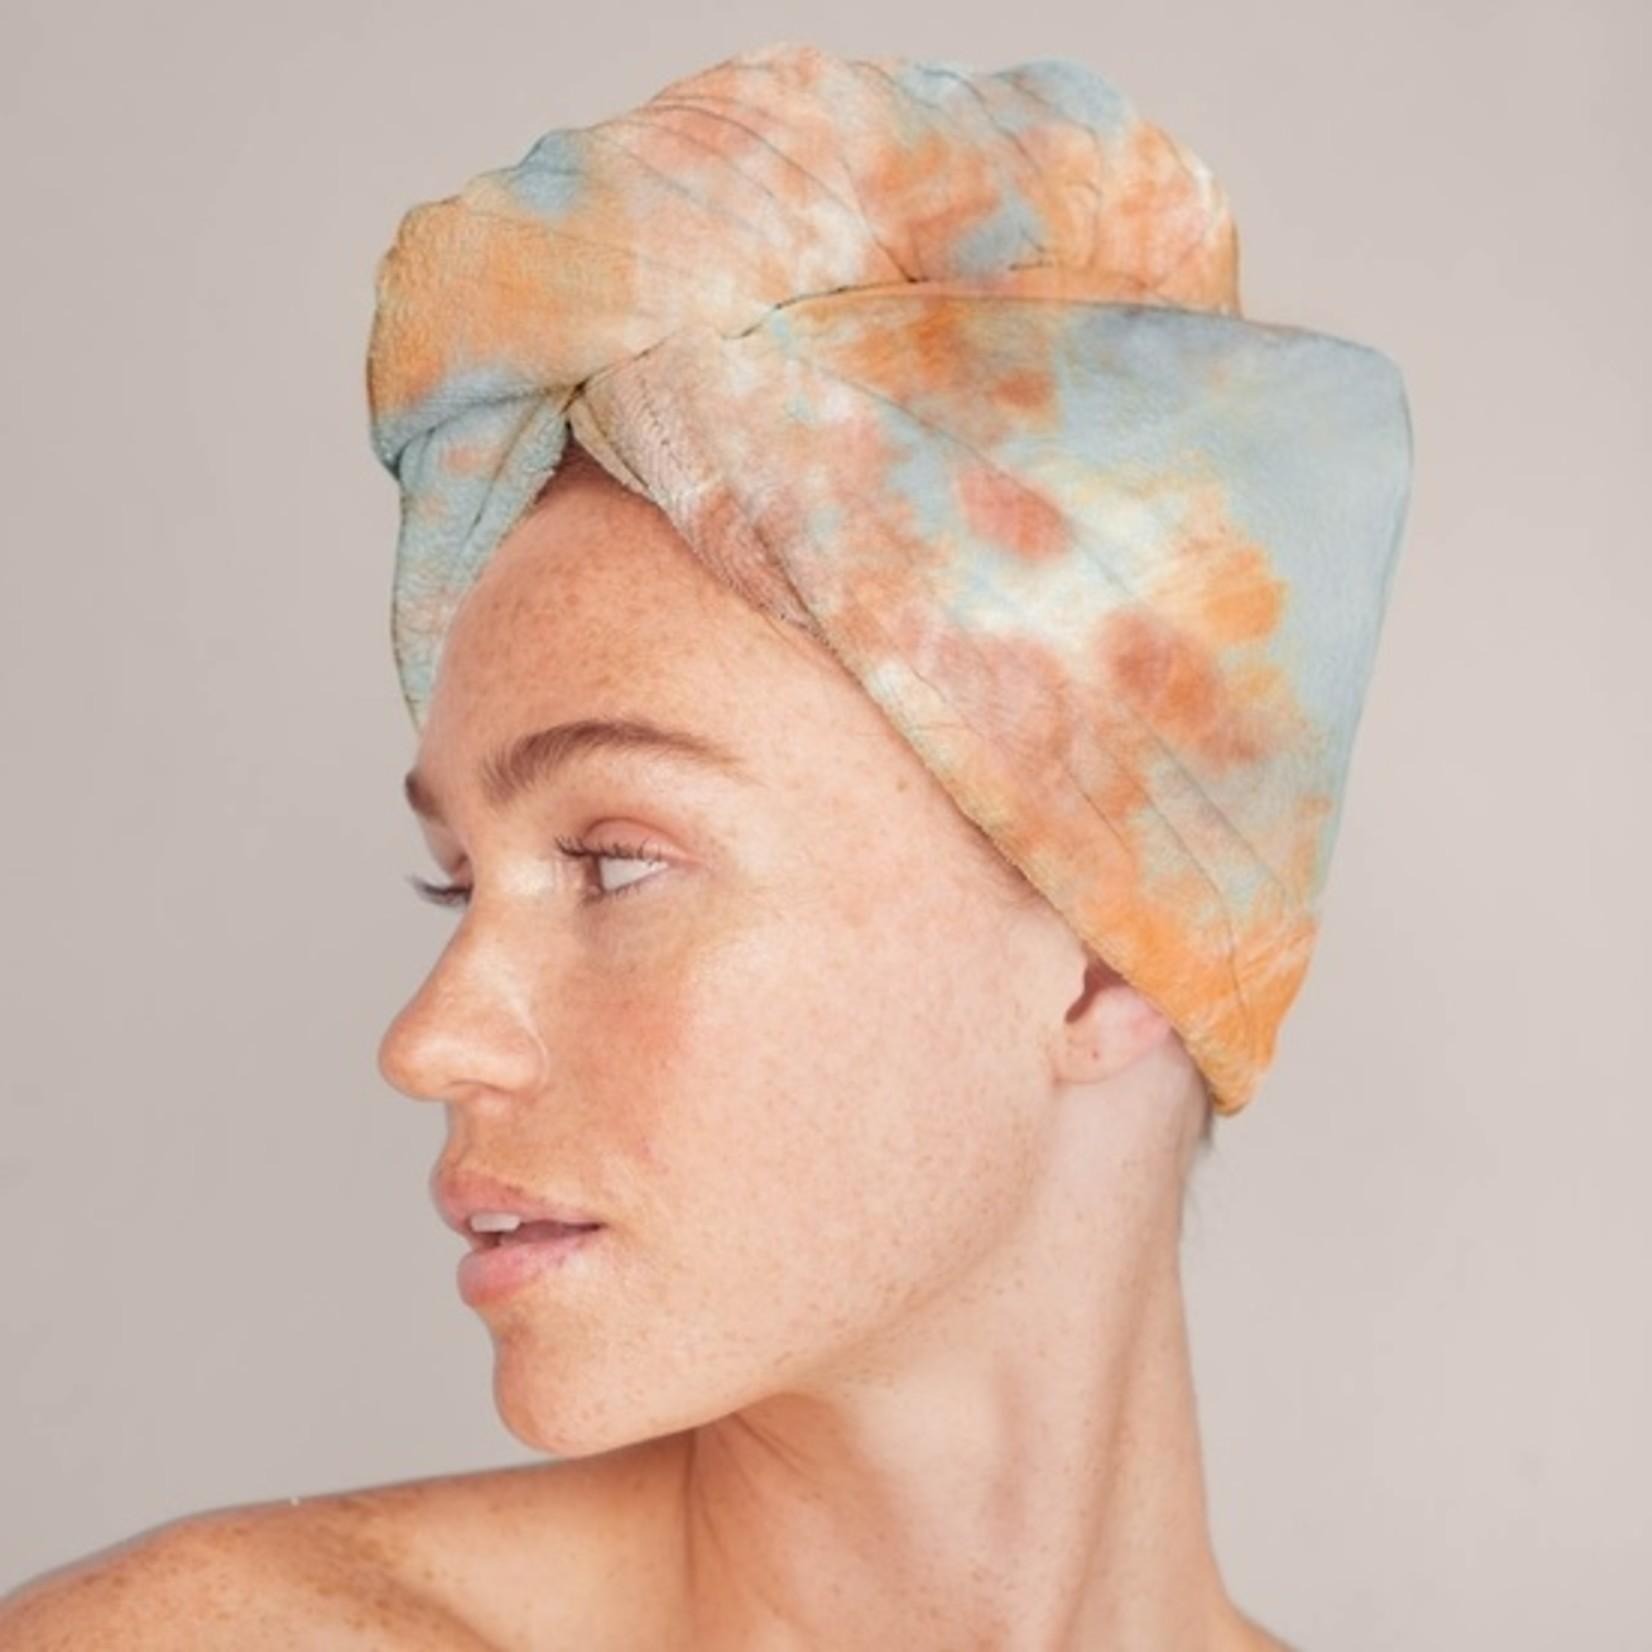 Kitsch Microfiber Hair Towel in Sunset Tie Dye